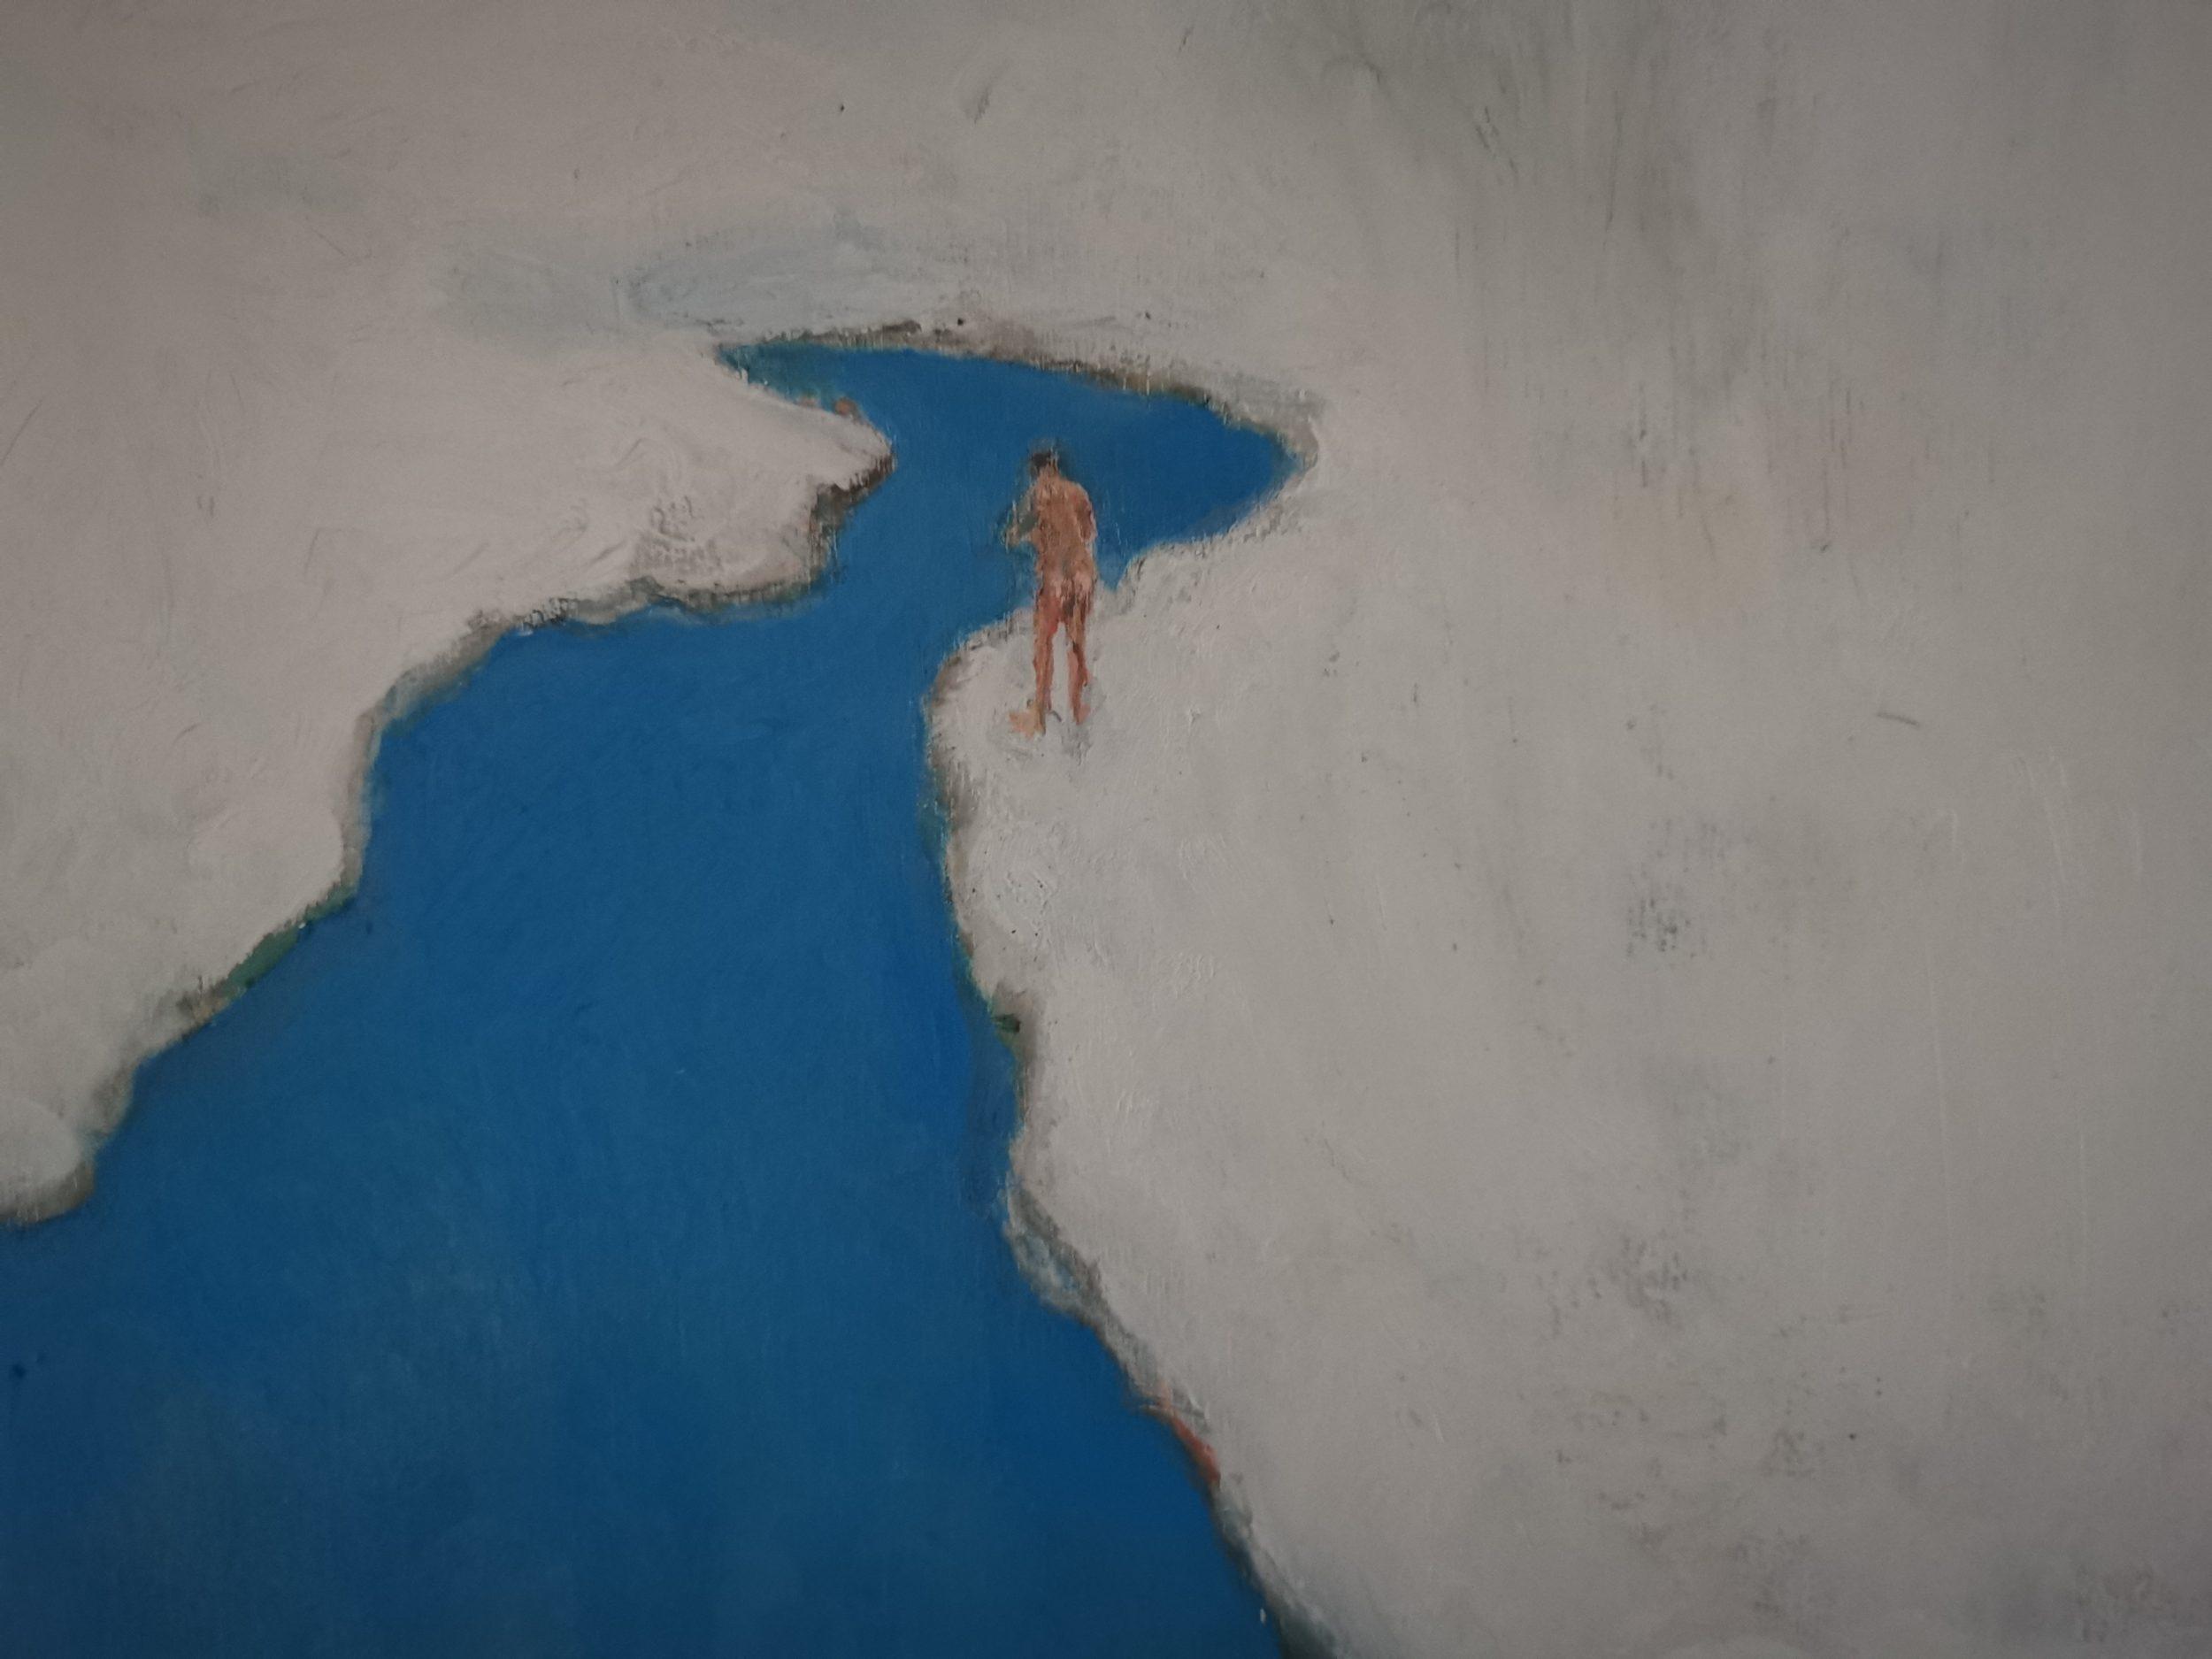 winterzwemmen deel 1 (versie 20.8)